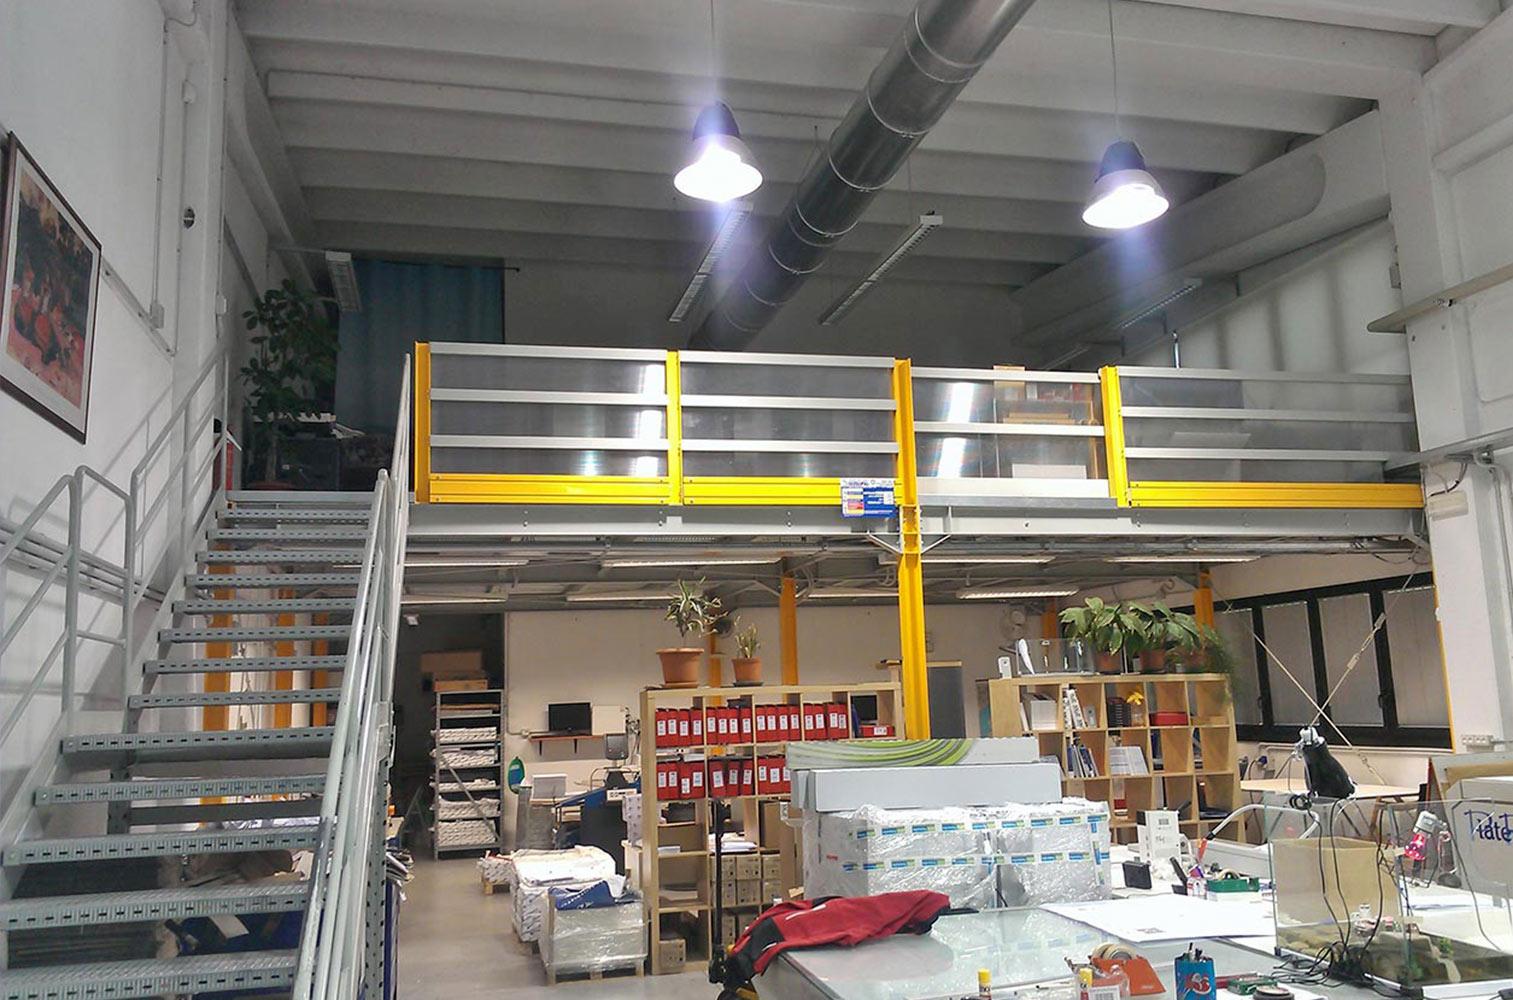 doc-impianti-elettrici-condizionamento-gallery-05-ufficio